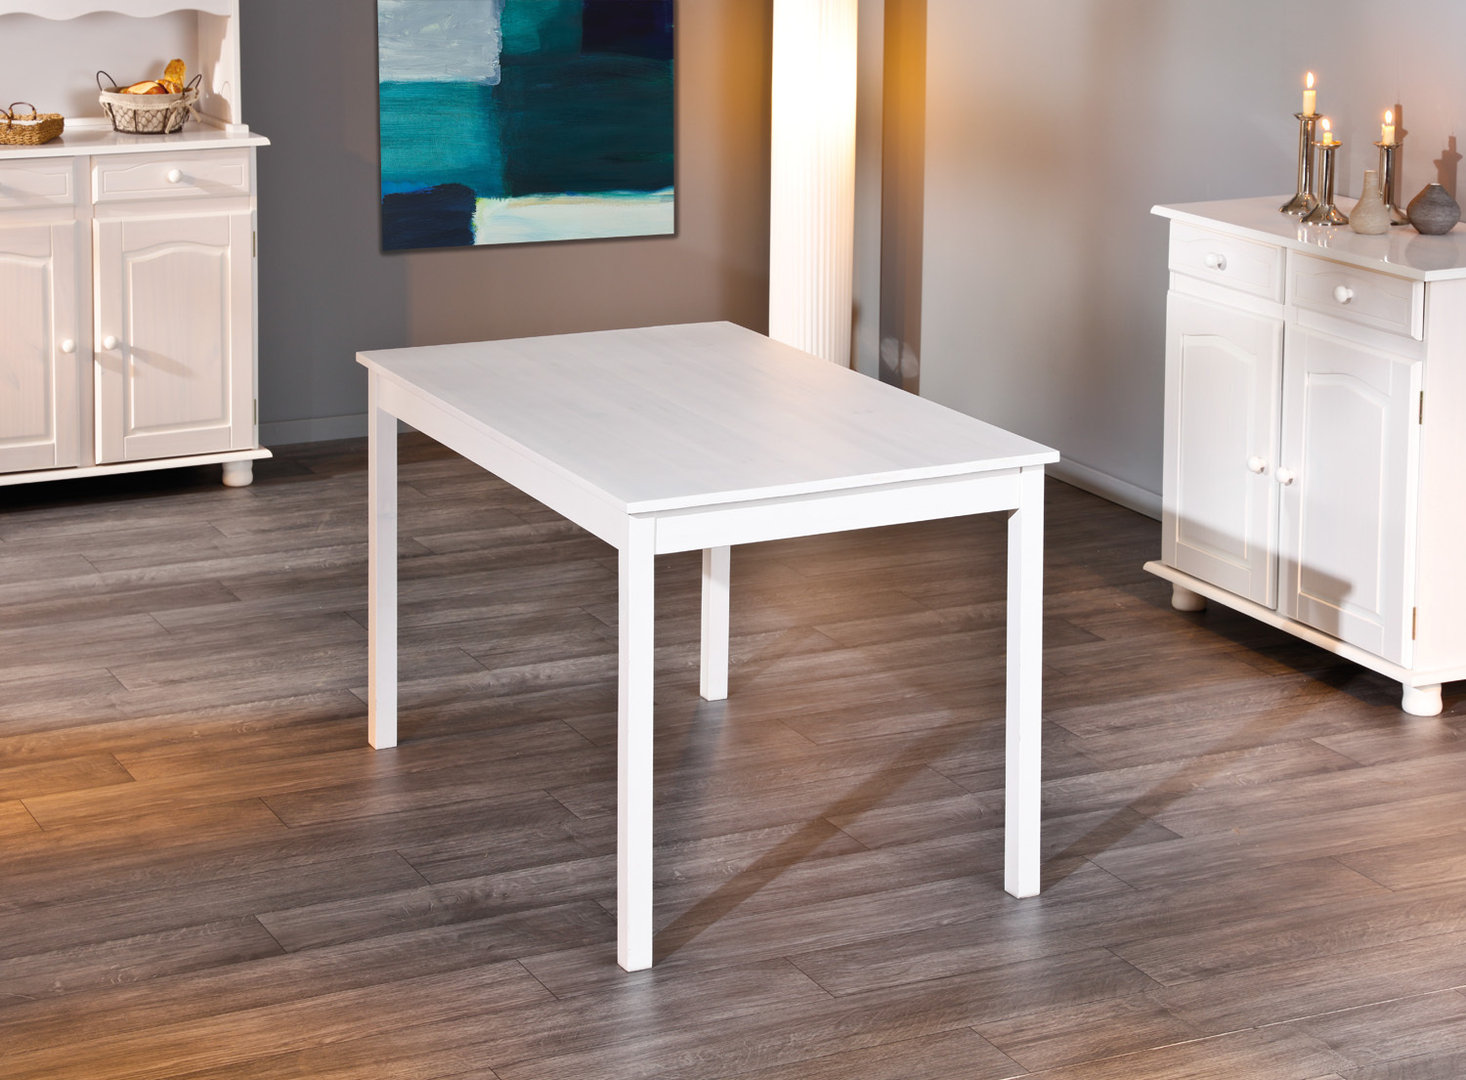 Divo tavolo moderno in legno bianco mobile per cucina sala for Tavolo sala da pranzo bianco